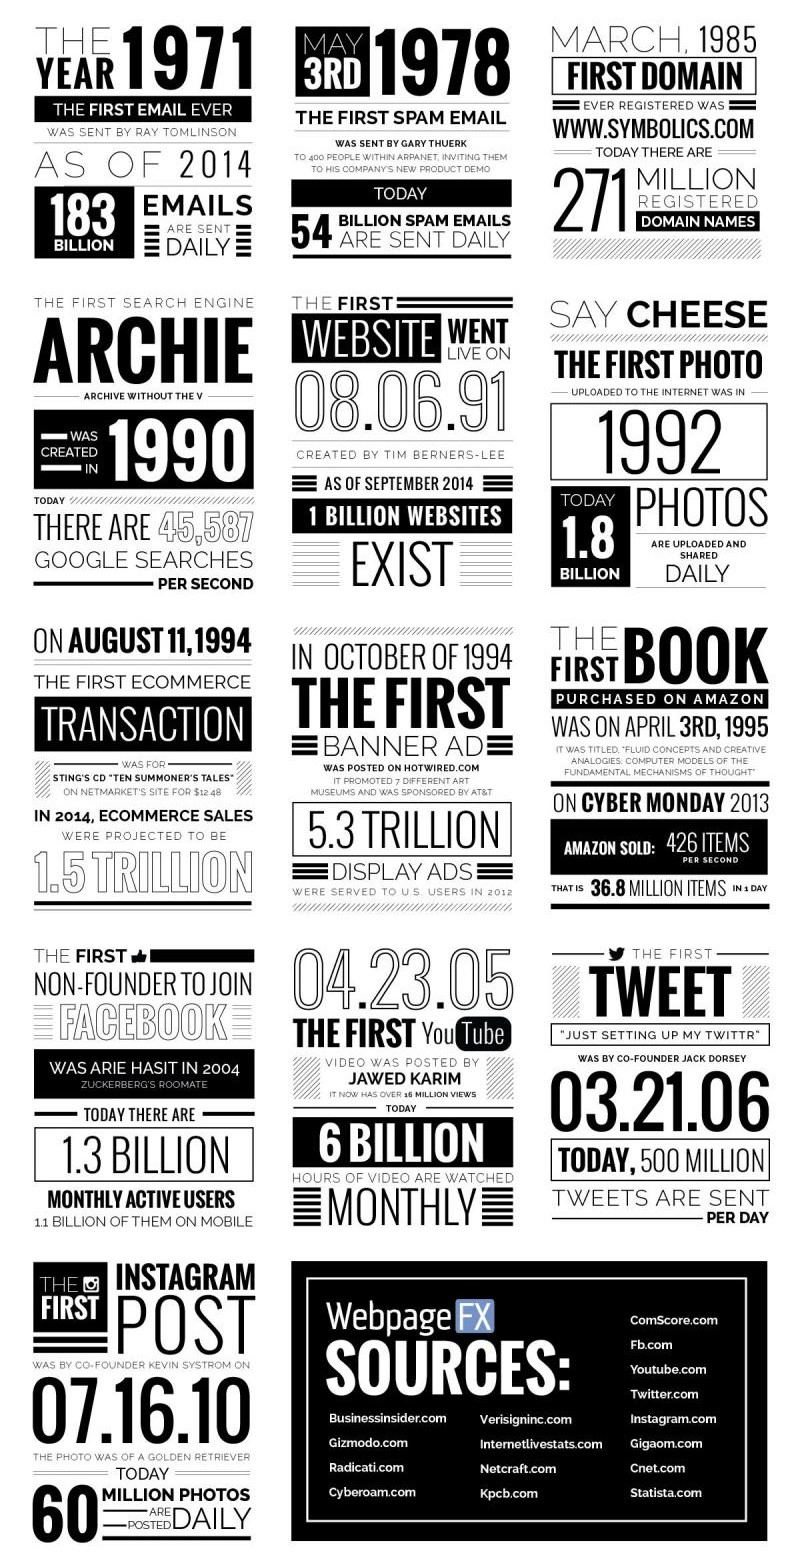 """ver en la pantalla del ordenador como alguien, desde algún sitio, nos respondía un sencillo mensaje. Se llamaban las """"autopistas de la información"""", y esta infografía quedará para la historia. Todo comenzo así:"""